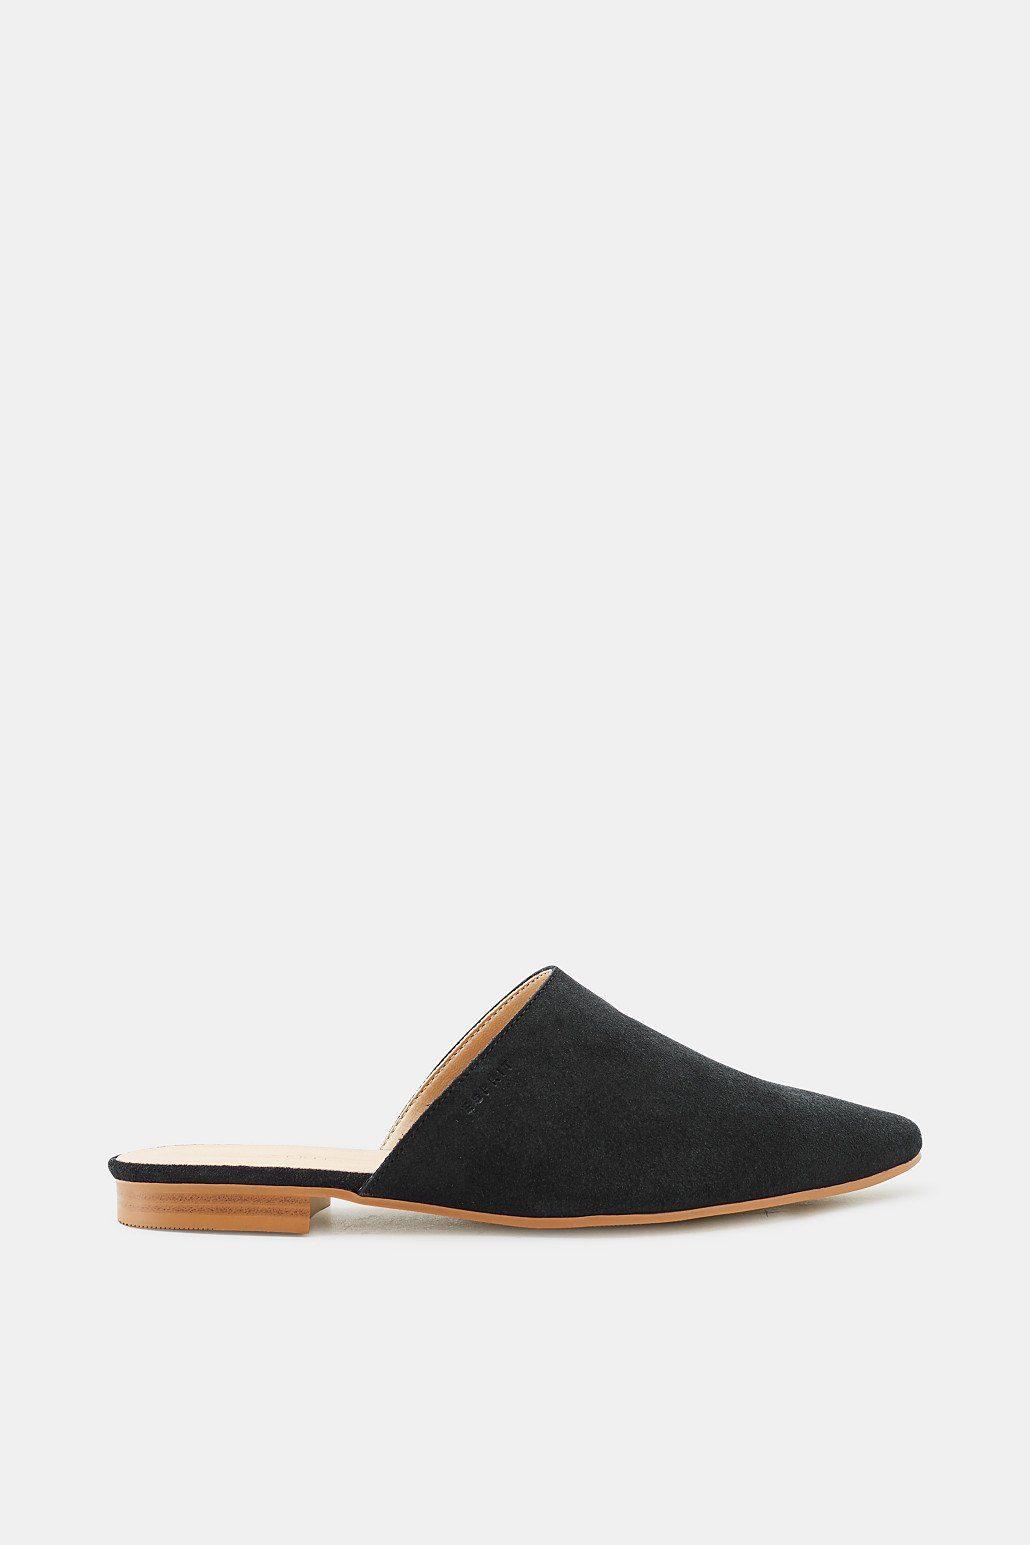 ESPRIT Slipper mit spitzer Zehenpartie, aus Veloursleder online kaufen  BLACK